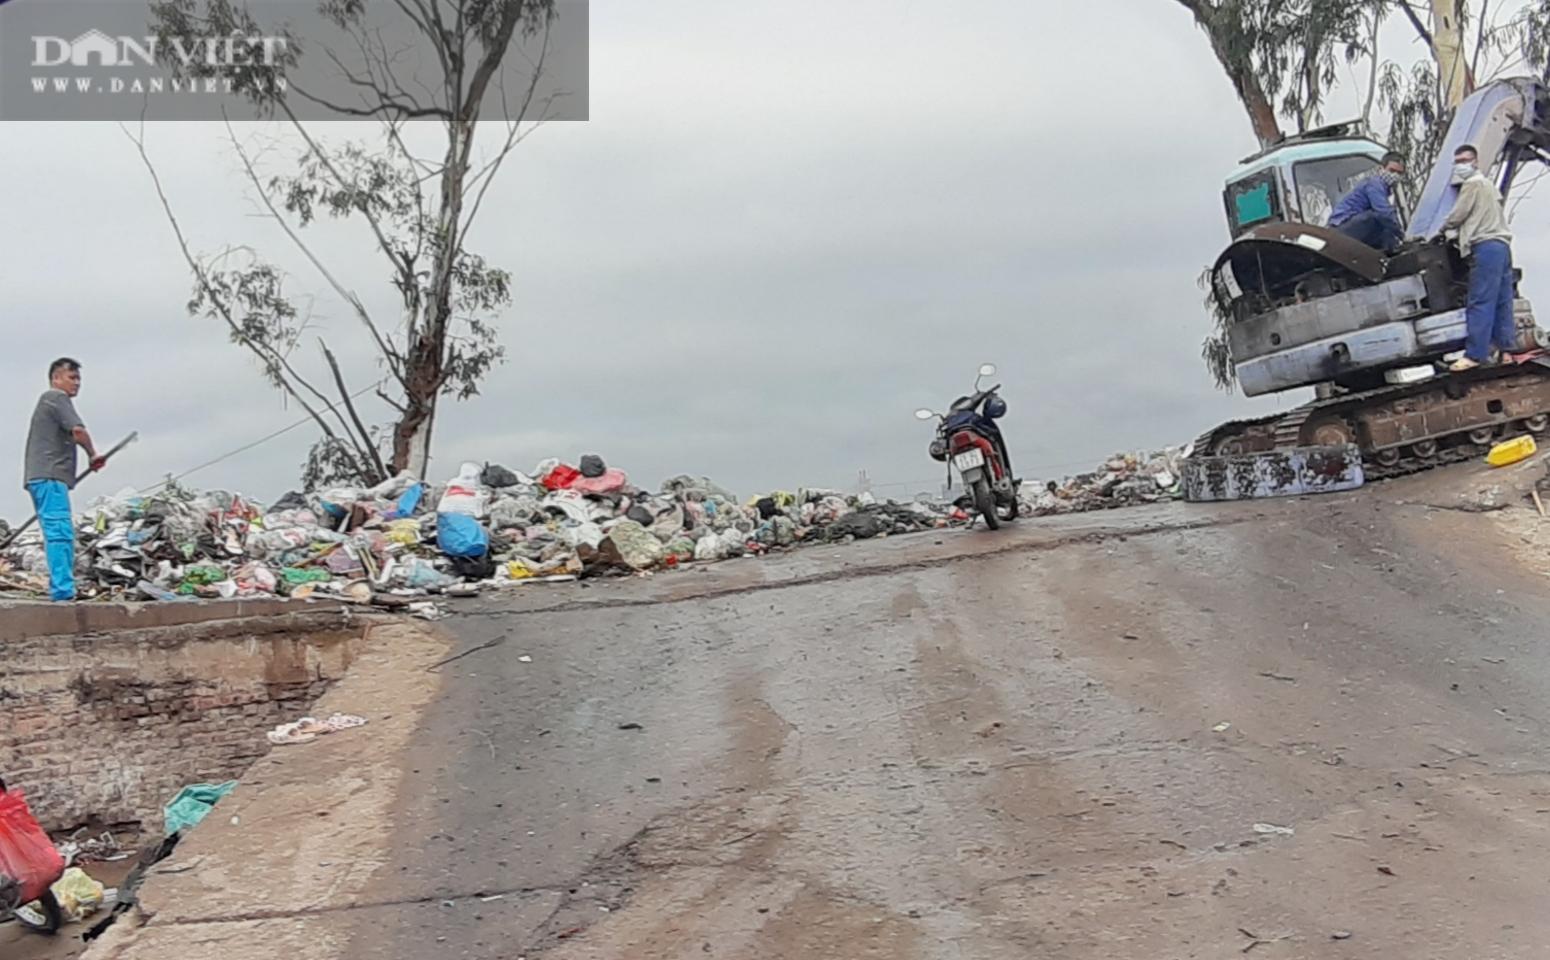 Bài 2: Tràn lan hình ảnh gây ô nhiễm của các công ty bảo vệ môi trường giữa thủ đô - Ảnh 22.